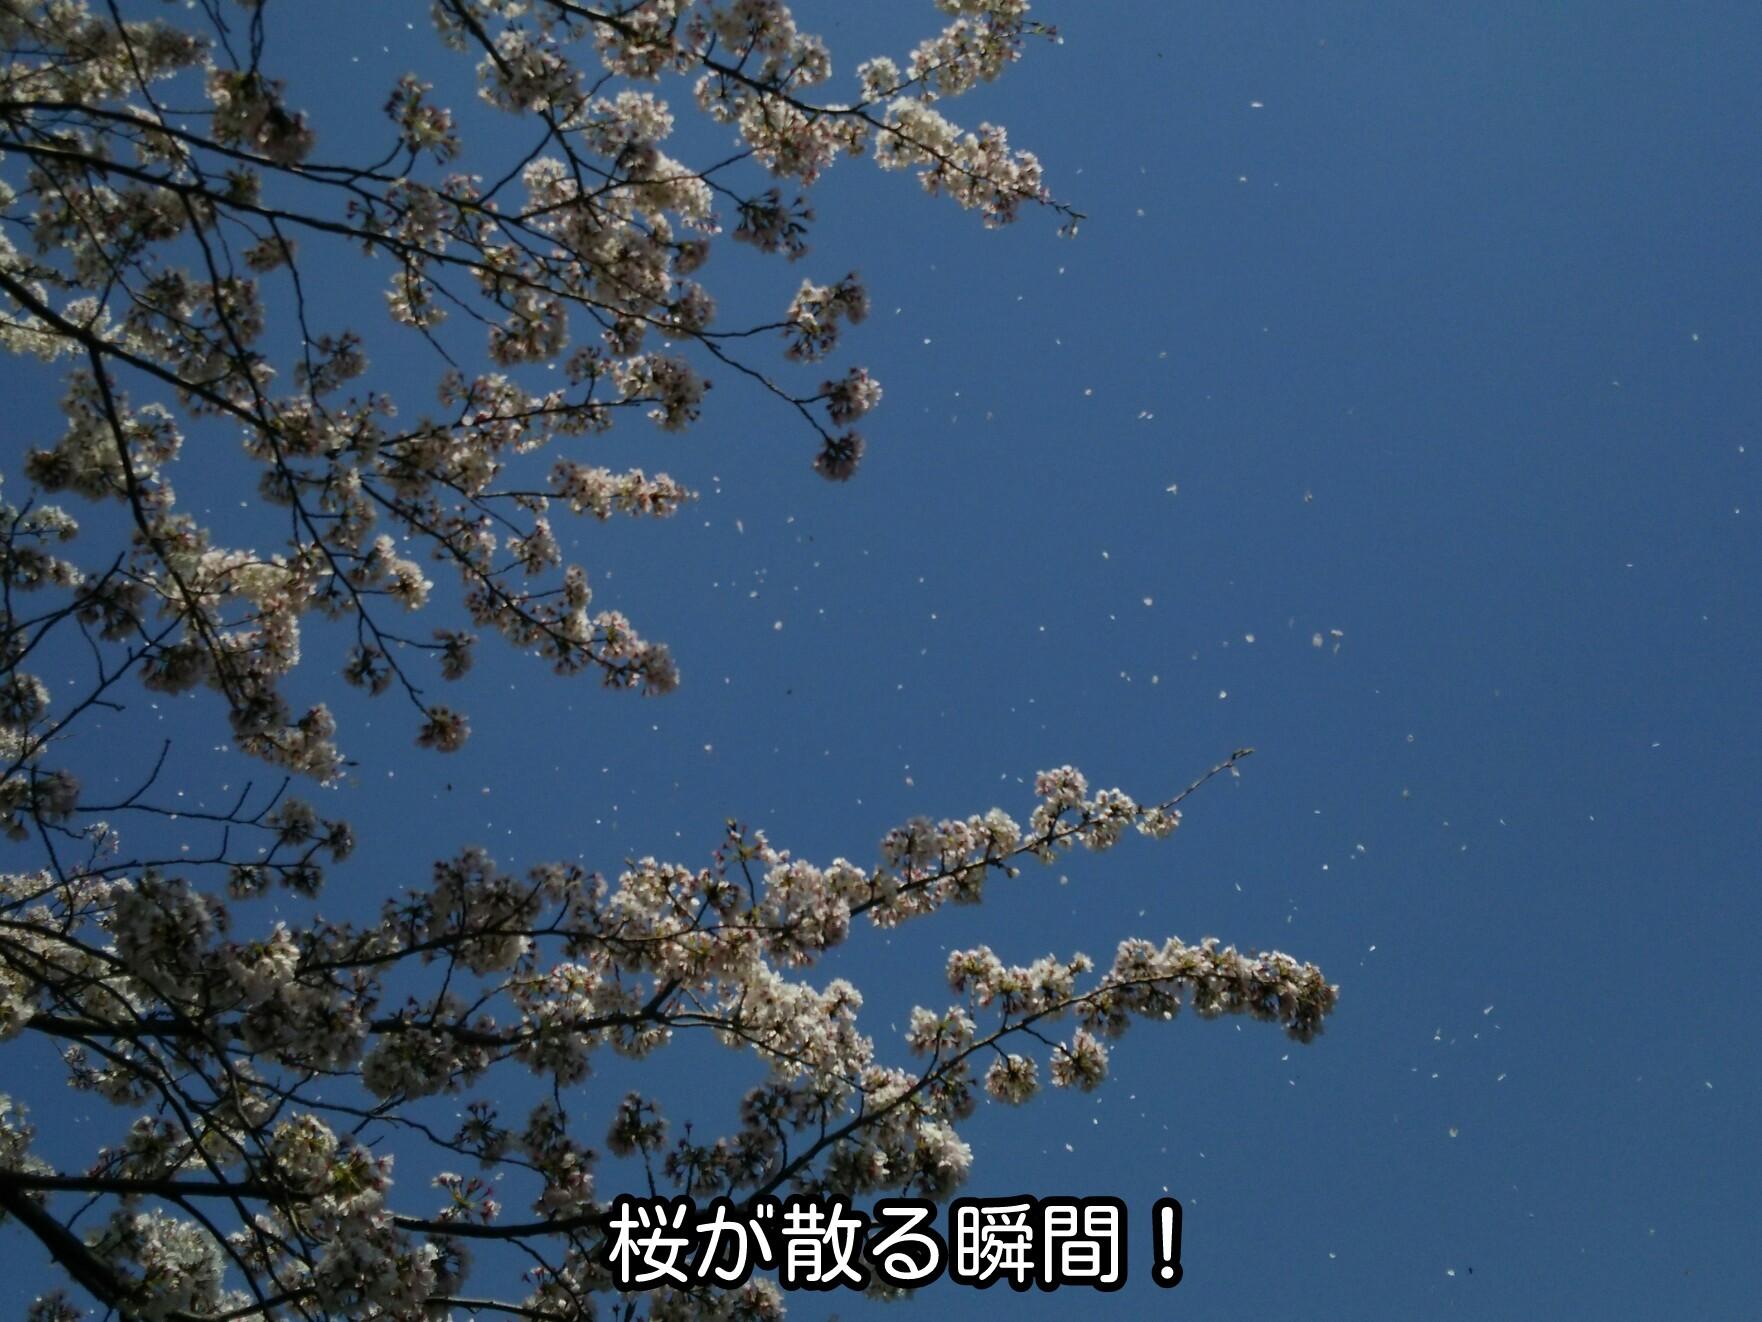 桜が散る瞬間!